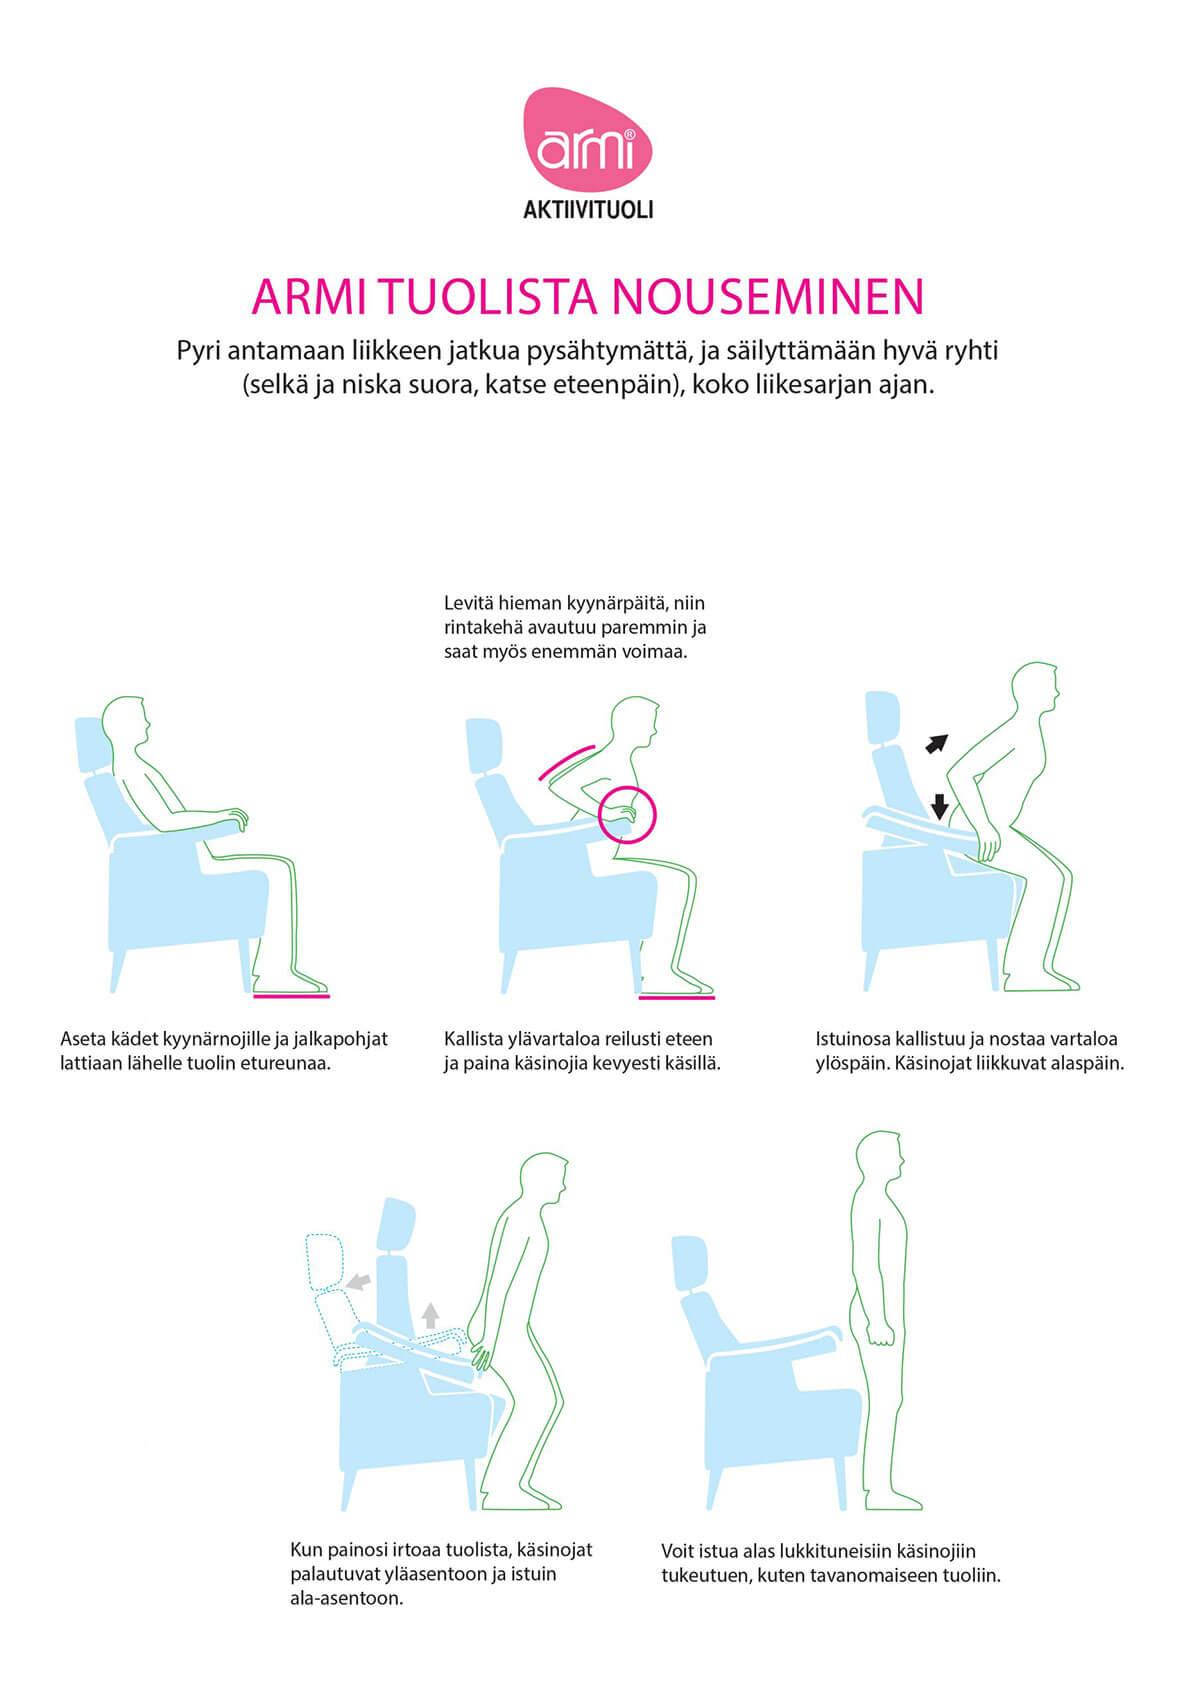 Armi tuolista oikein nouseminen